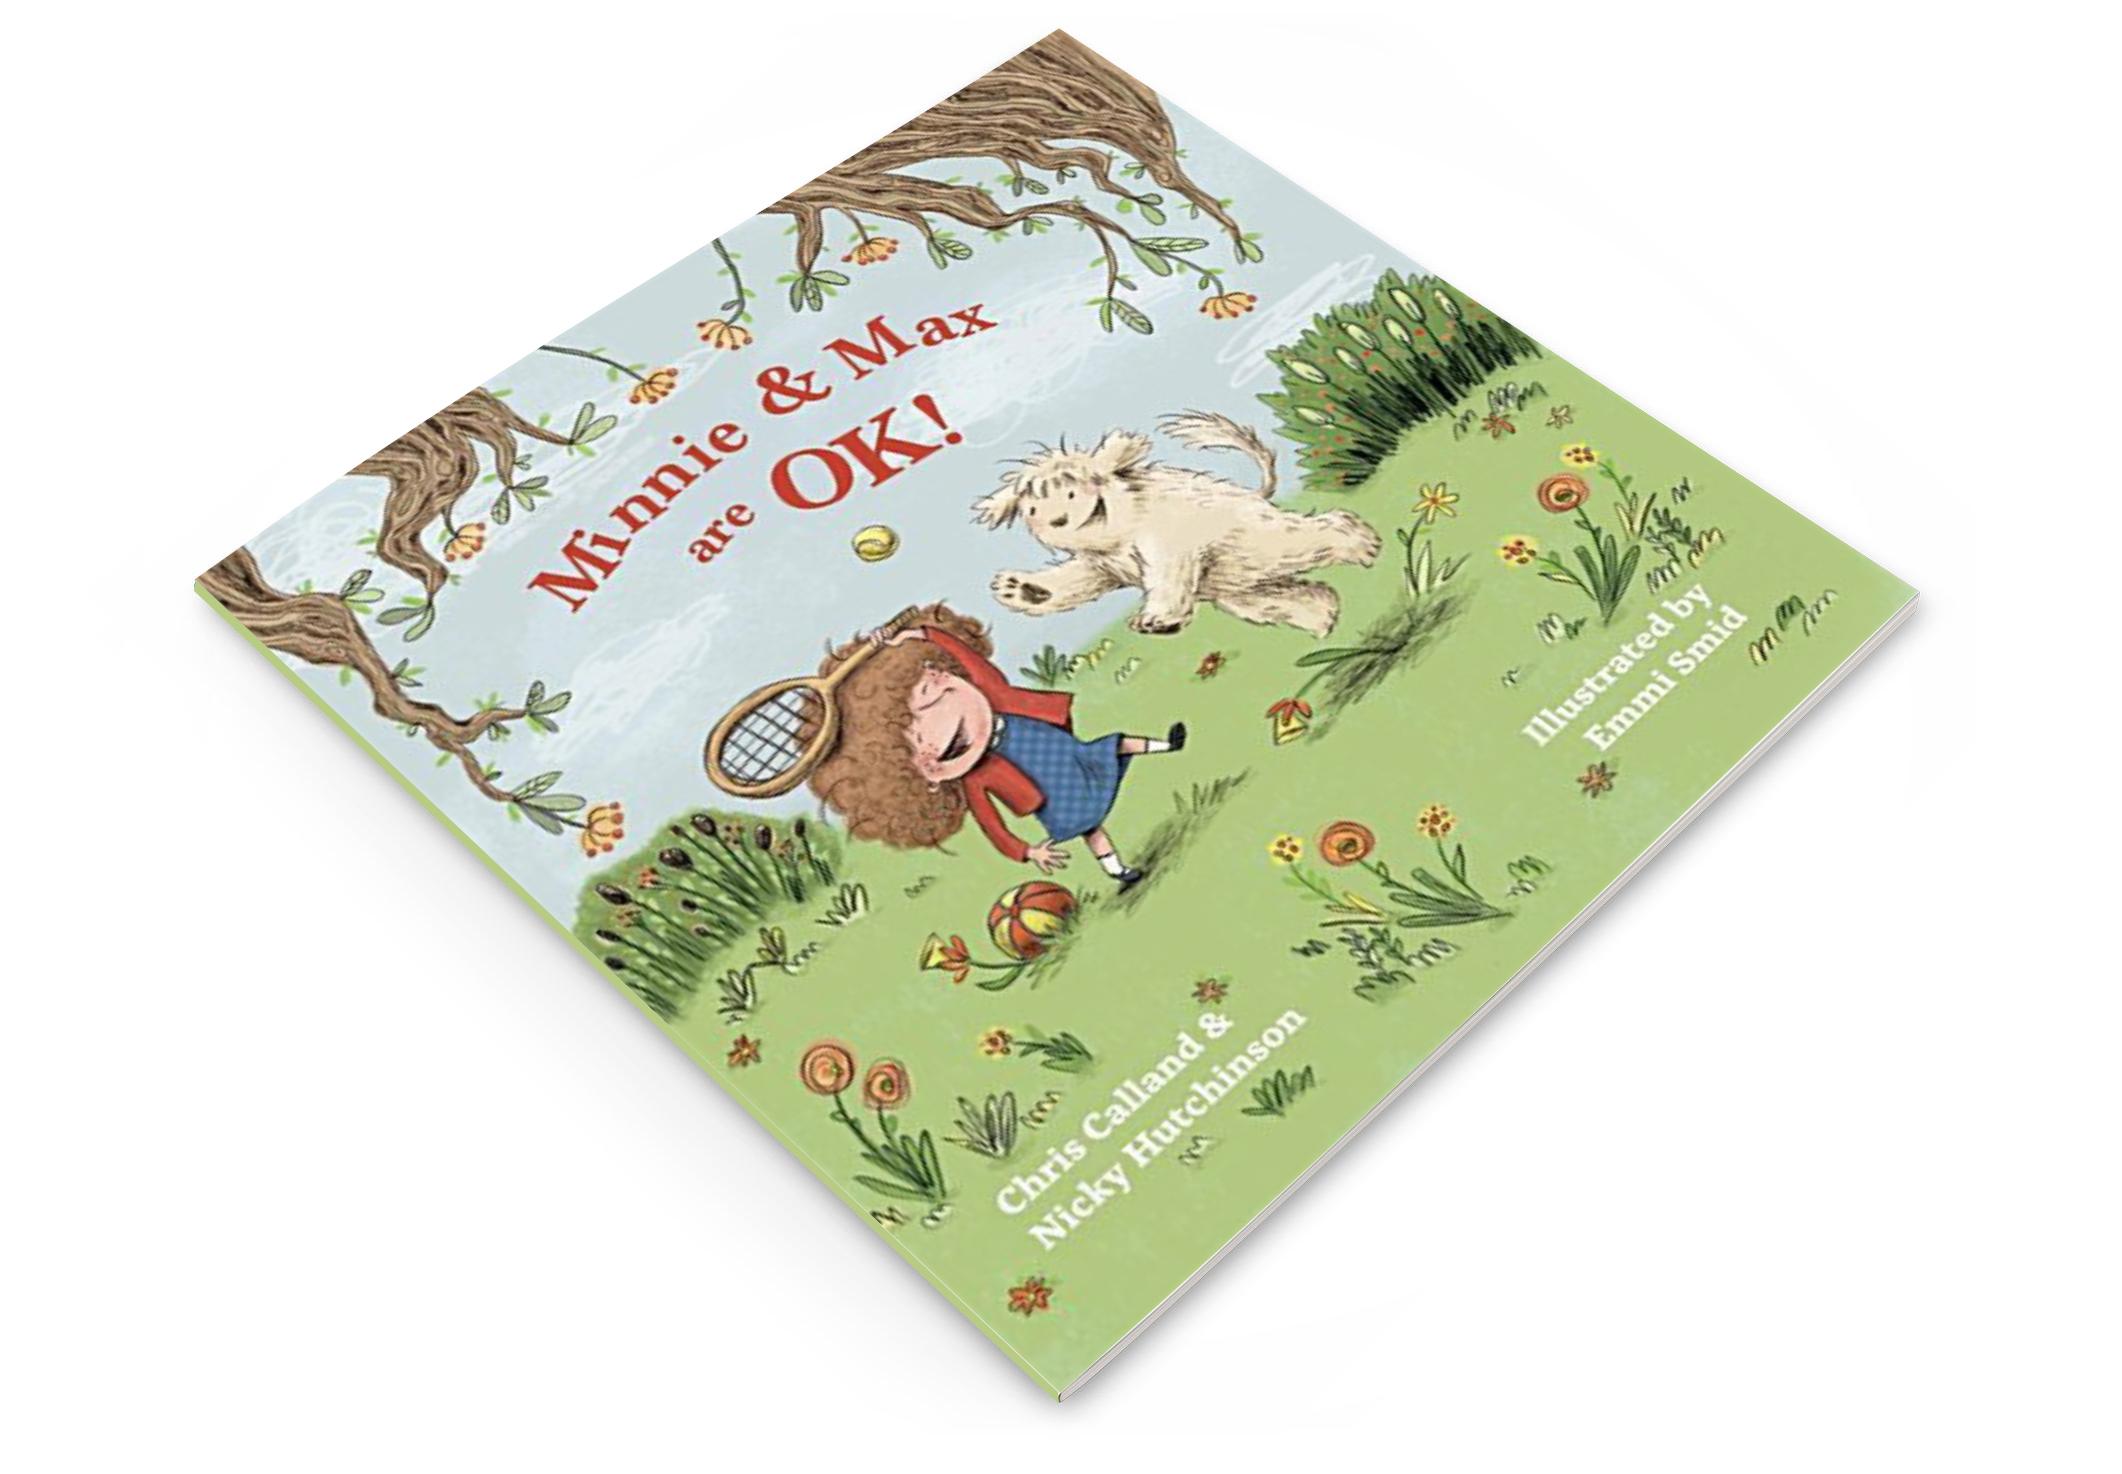 'Minnie & Max are OK' Book Cover